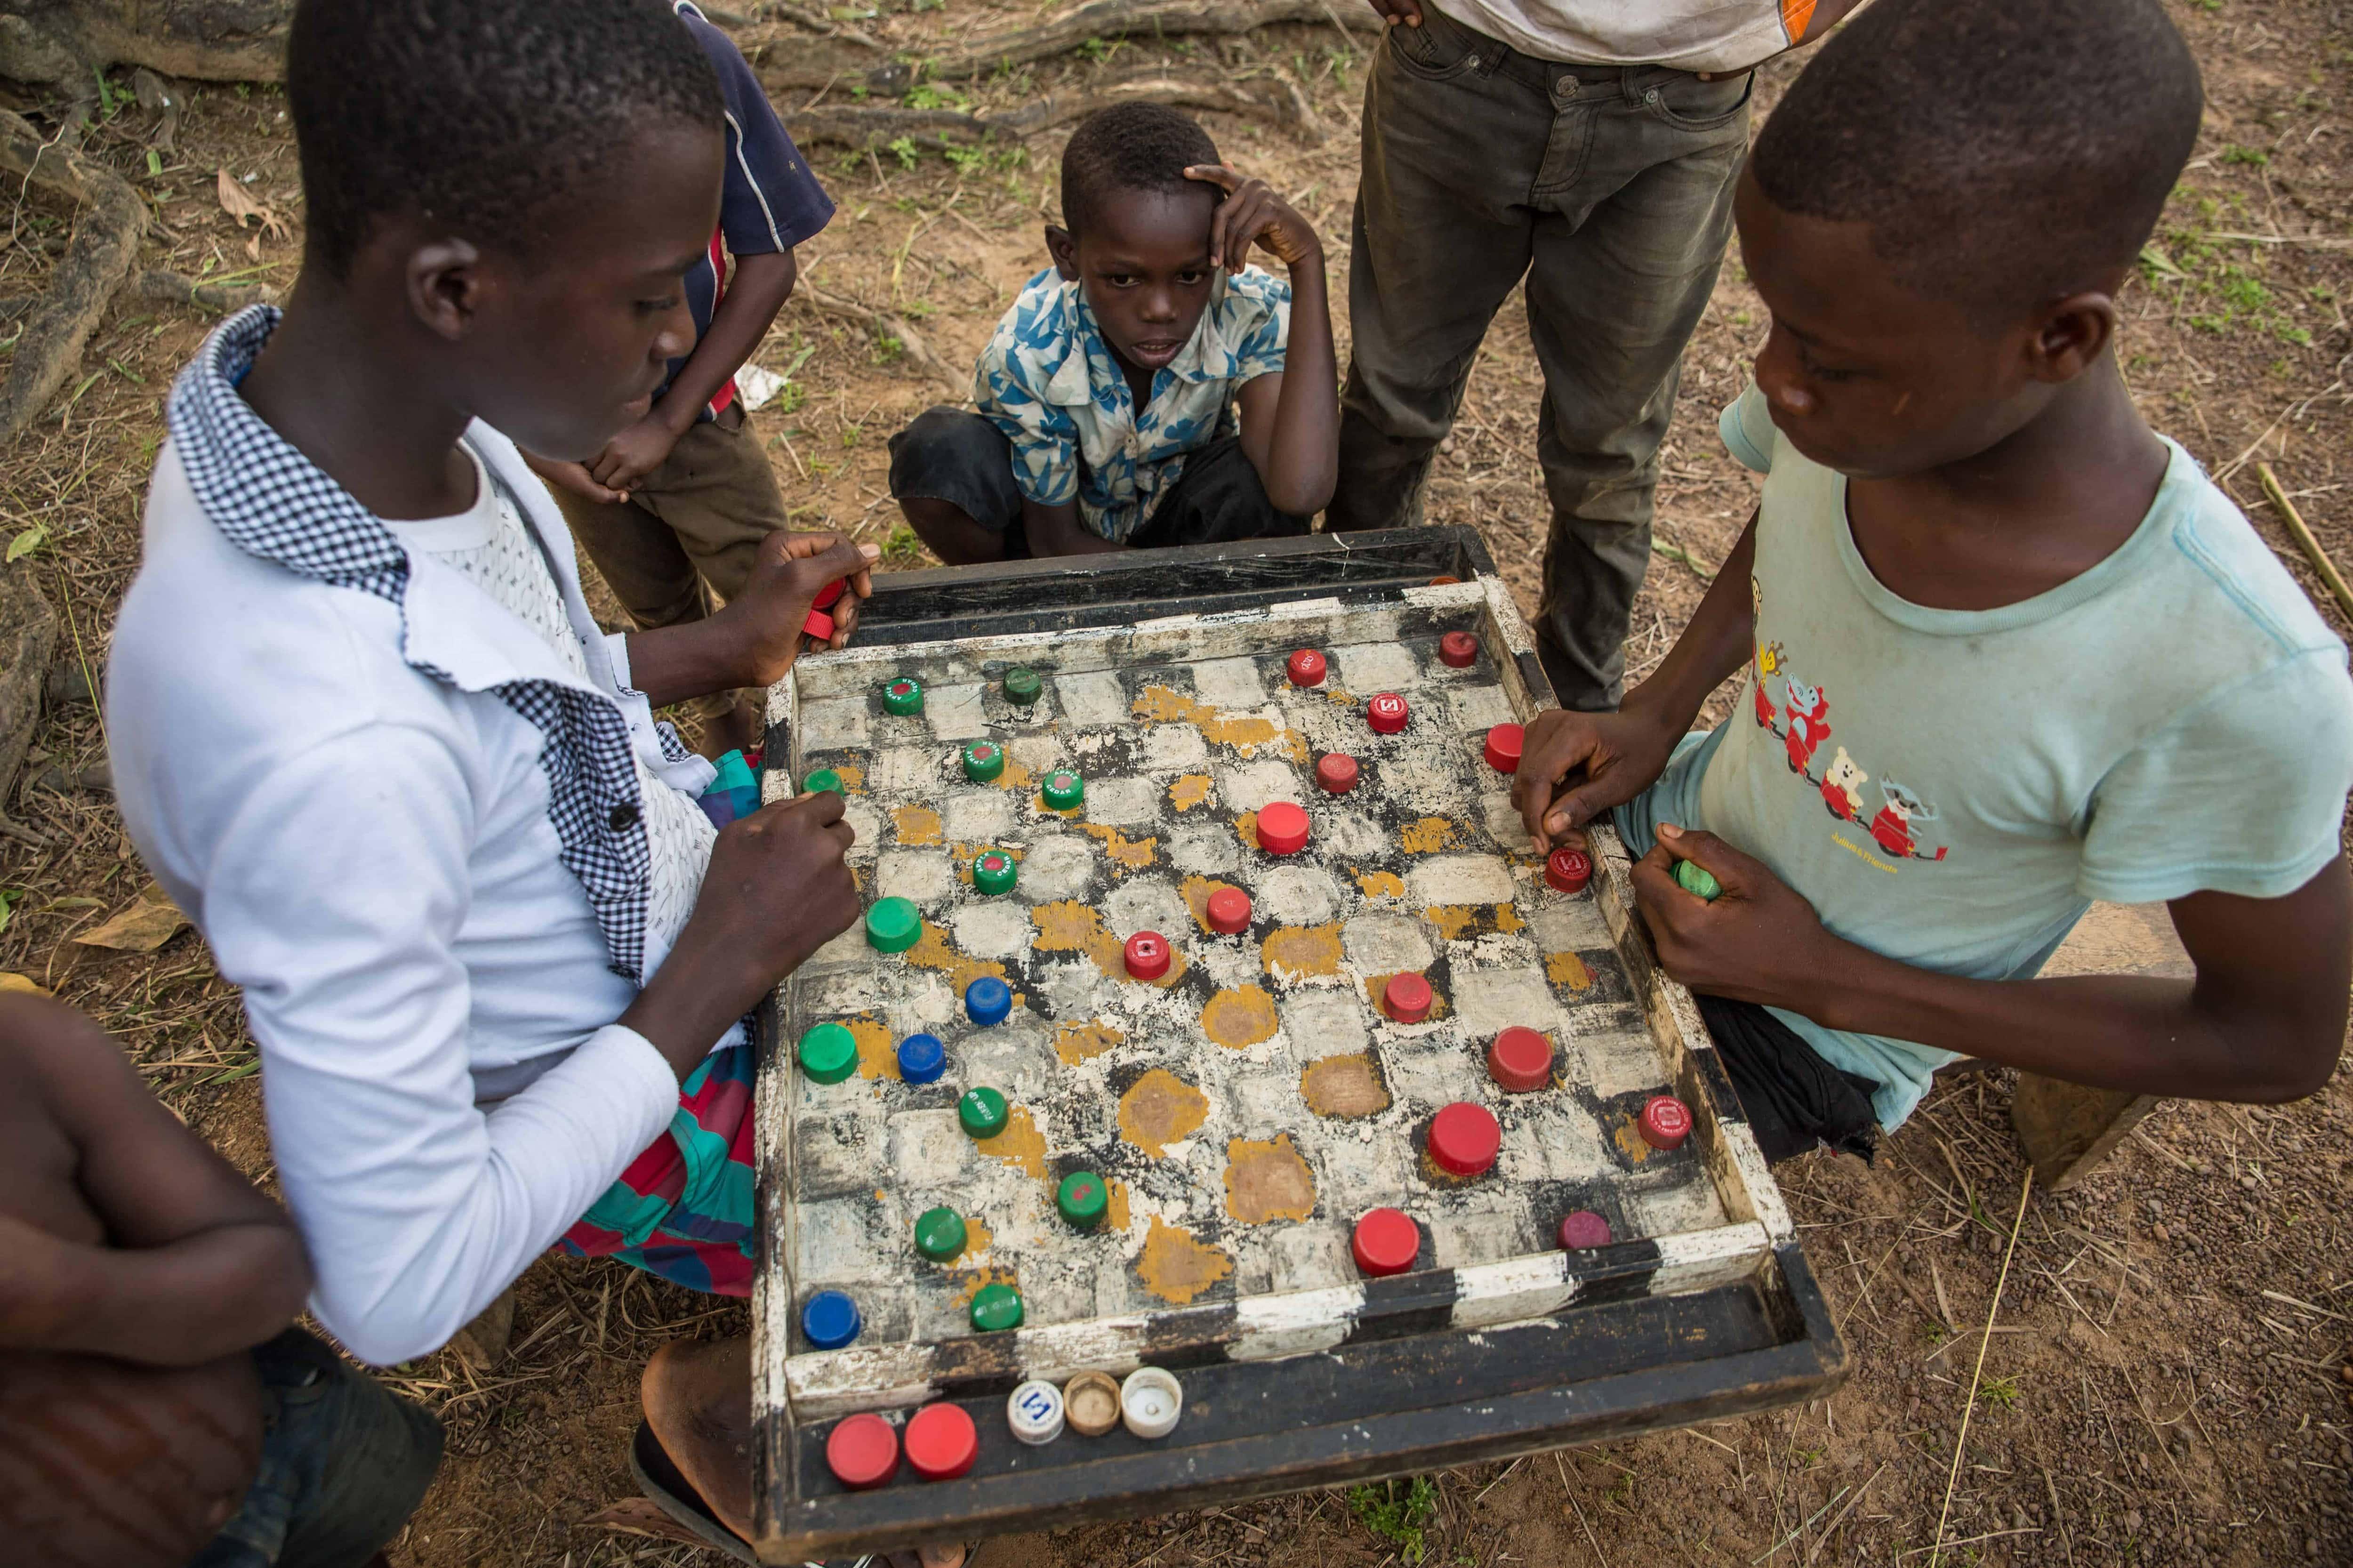 Barn i landsbyen spiller med bruskorker.